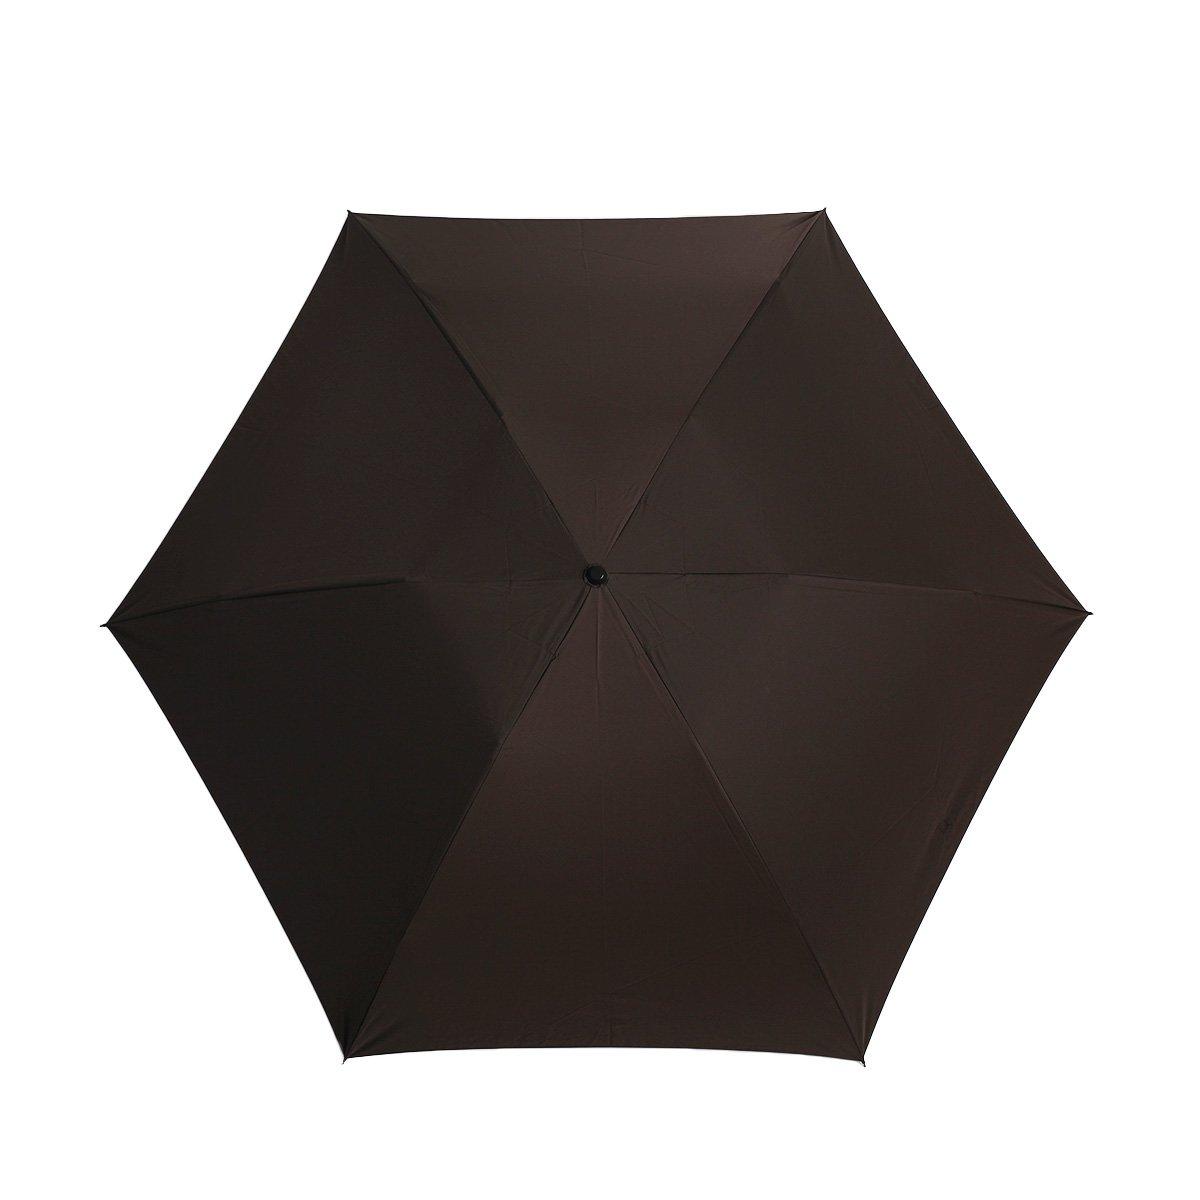 強力撥水 レインドロップ レクタス 折りたたみ傘 詳細画像10